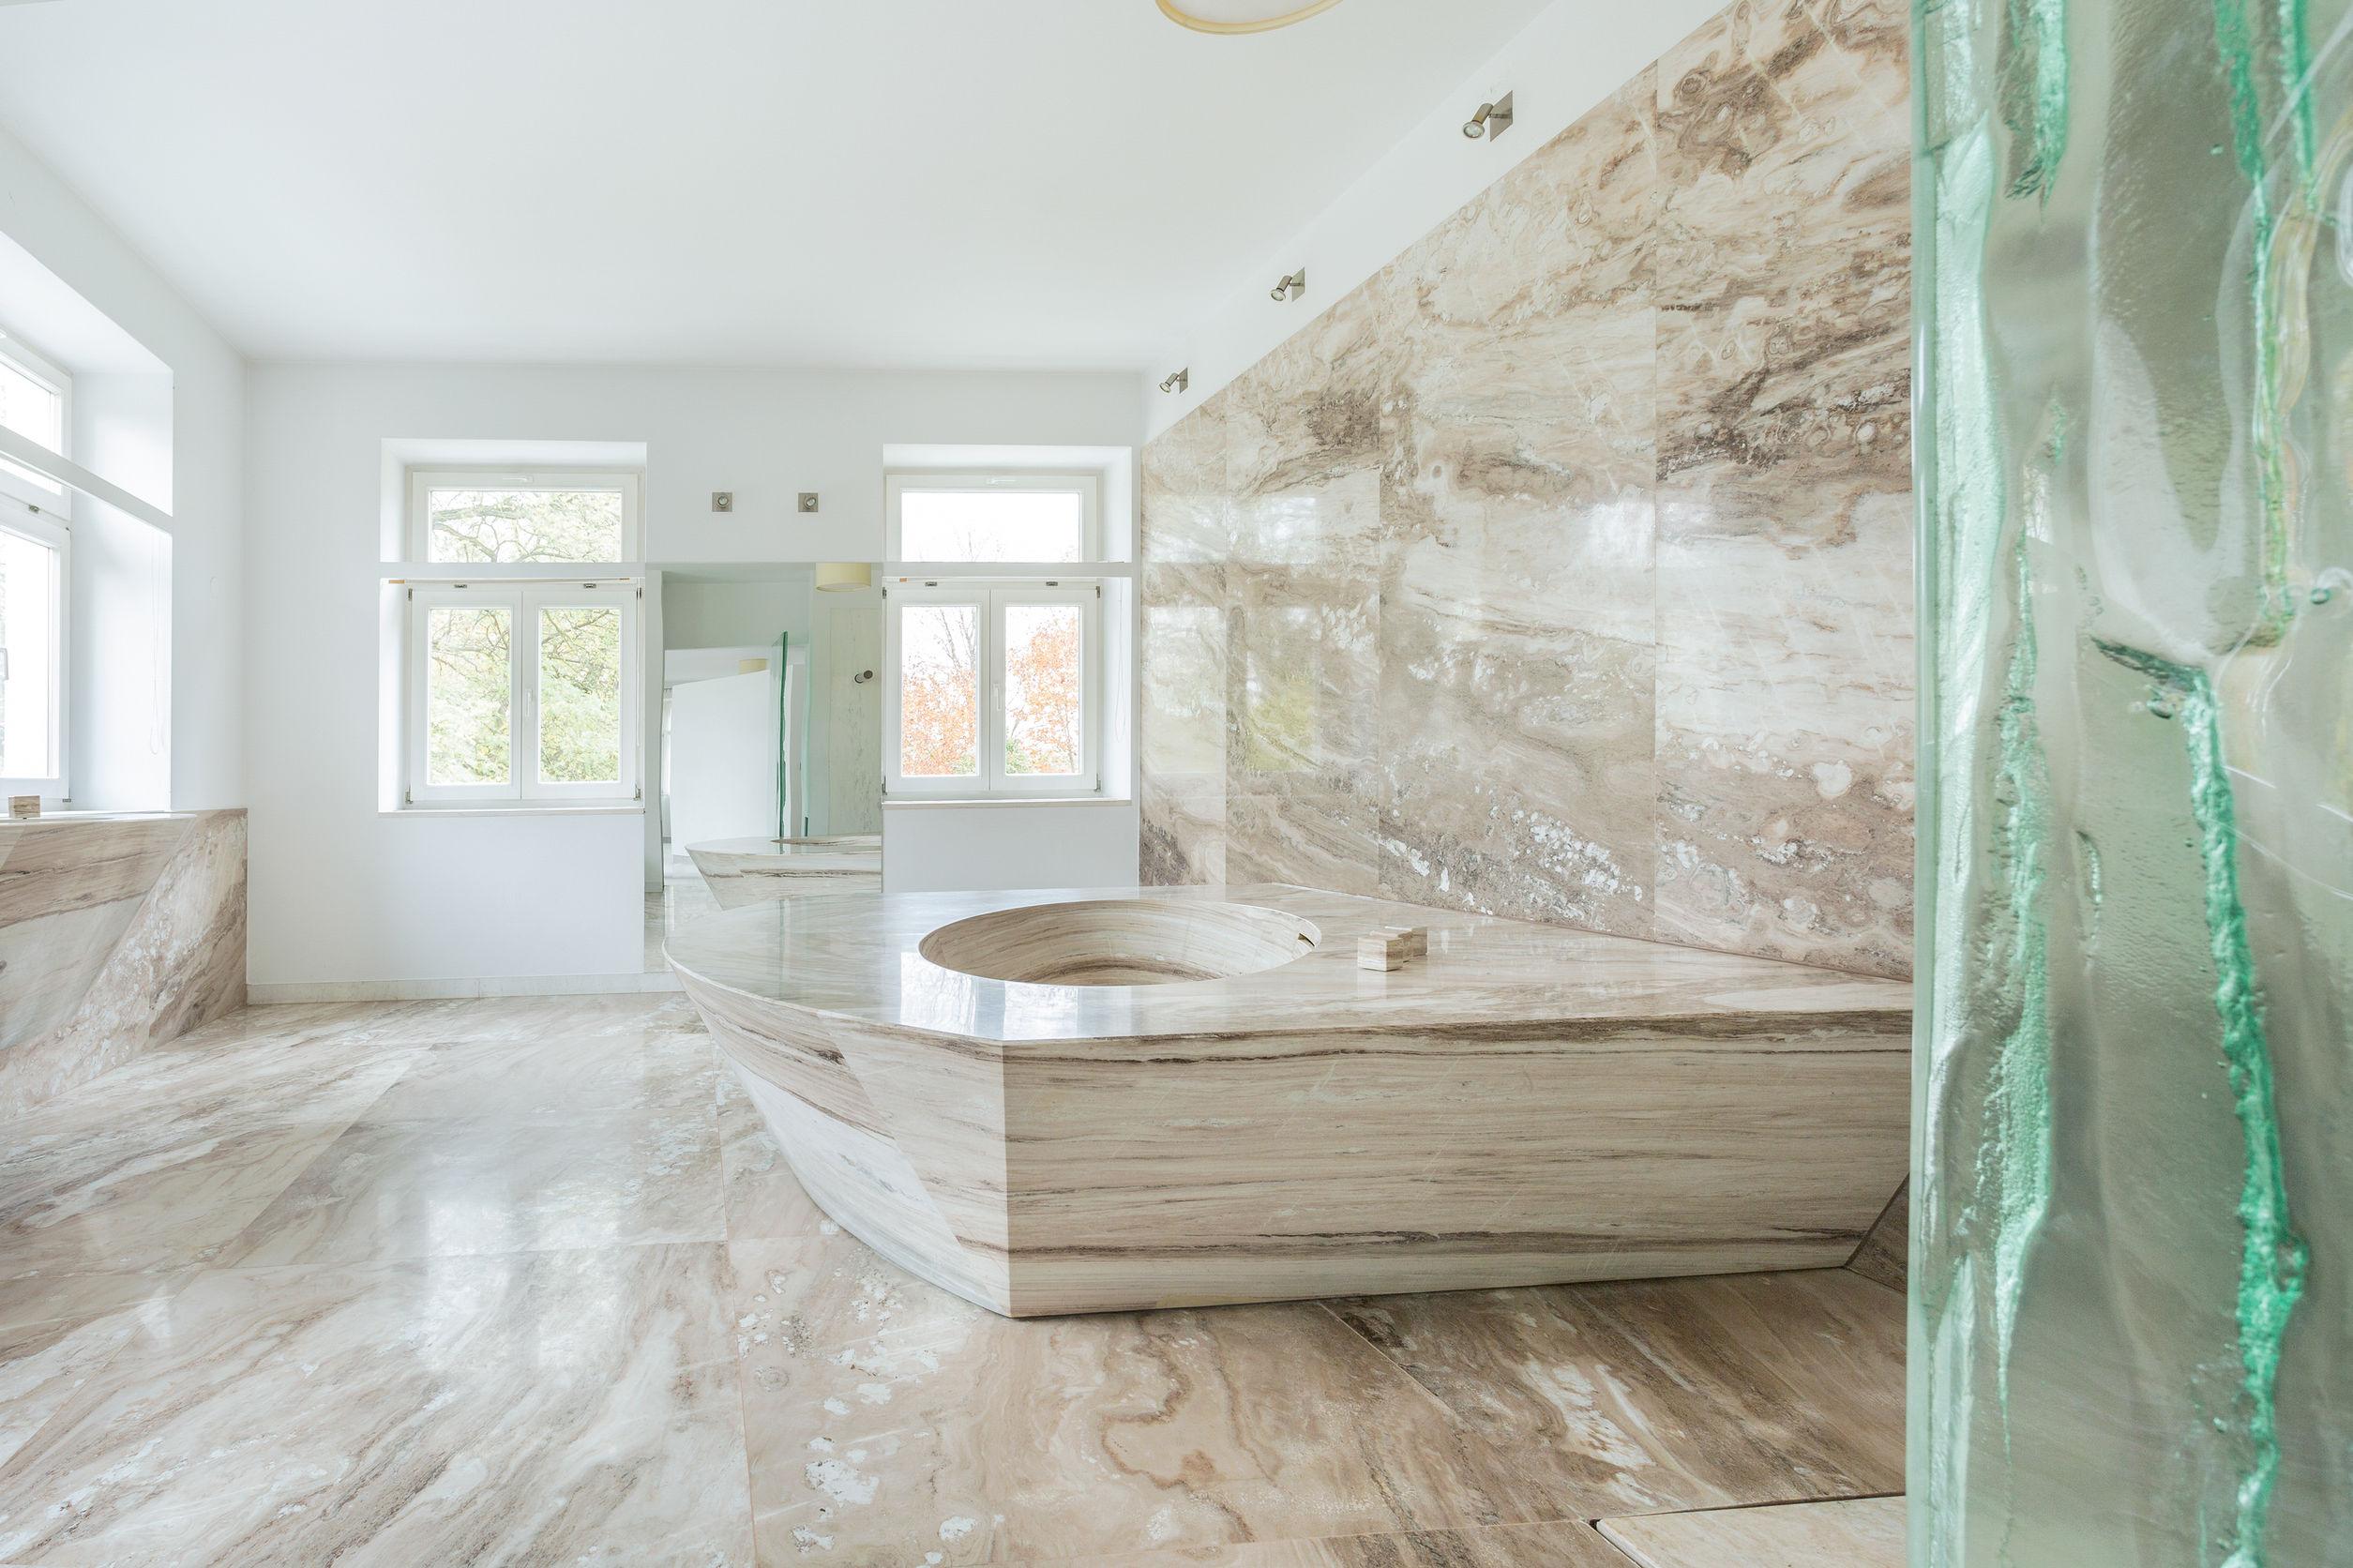 Badkamers Noord Holland : Marmeren badkamer in amsterdam noord holland decostone amsterdam